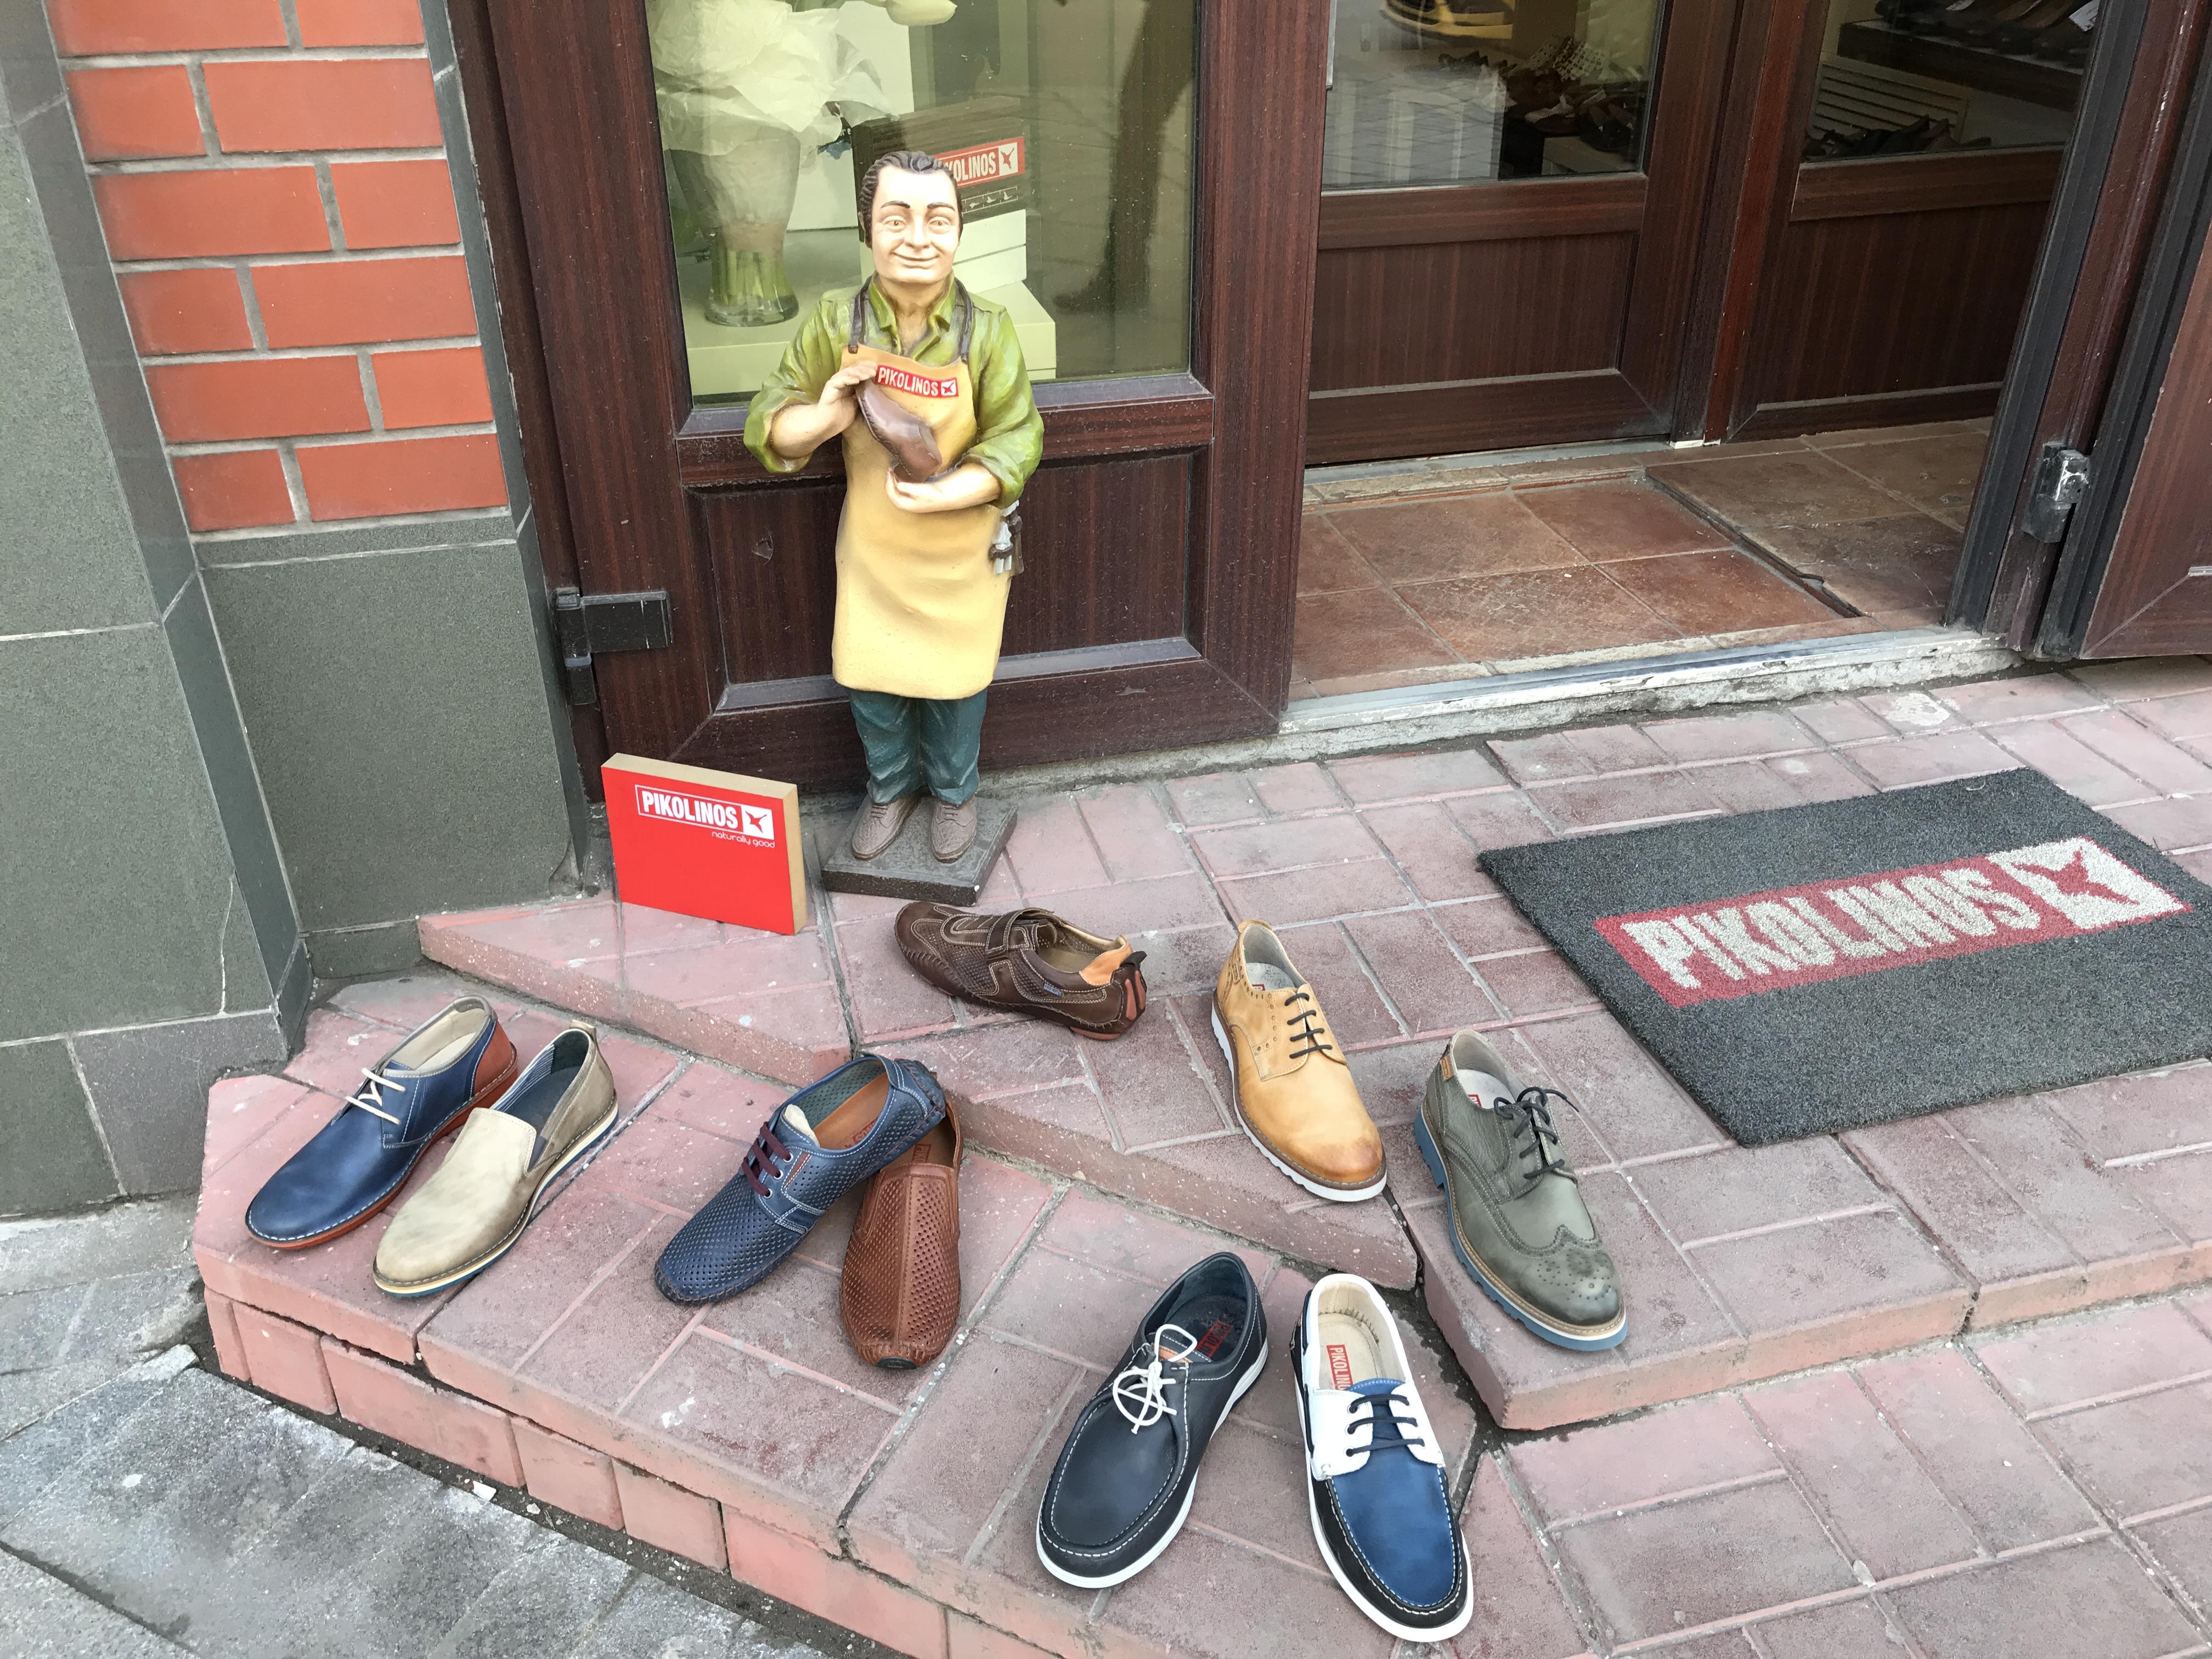 У входа в магазин Picolinos, Москва